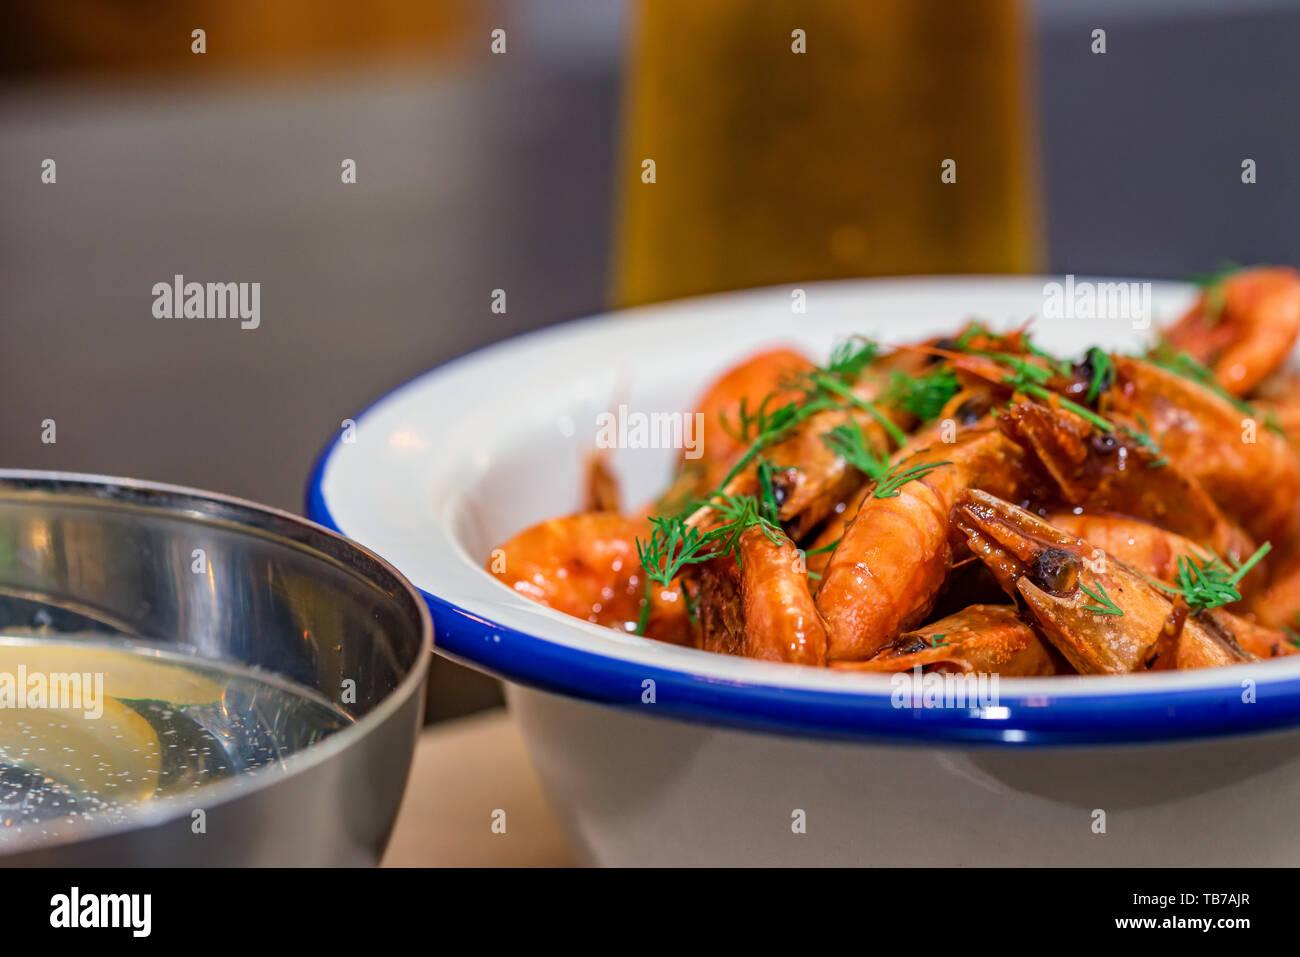 Camarones preparados con eneldo en un recipiente sobre la mesa con dos vasos de cerveza y agua Foto de stock